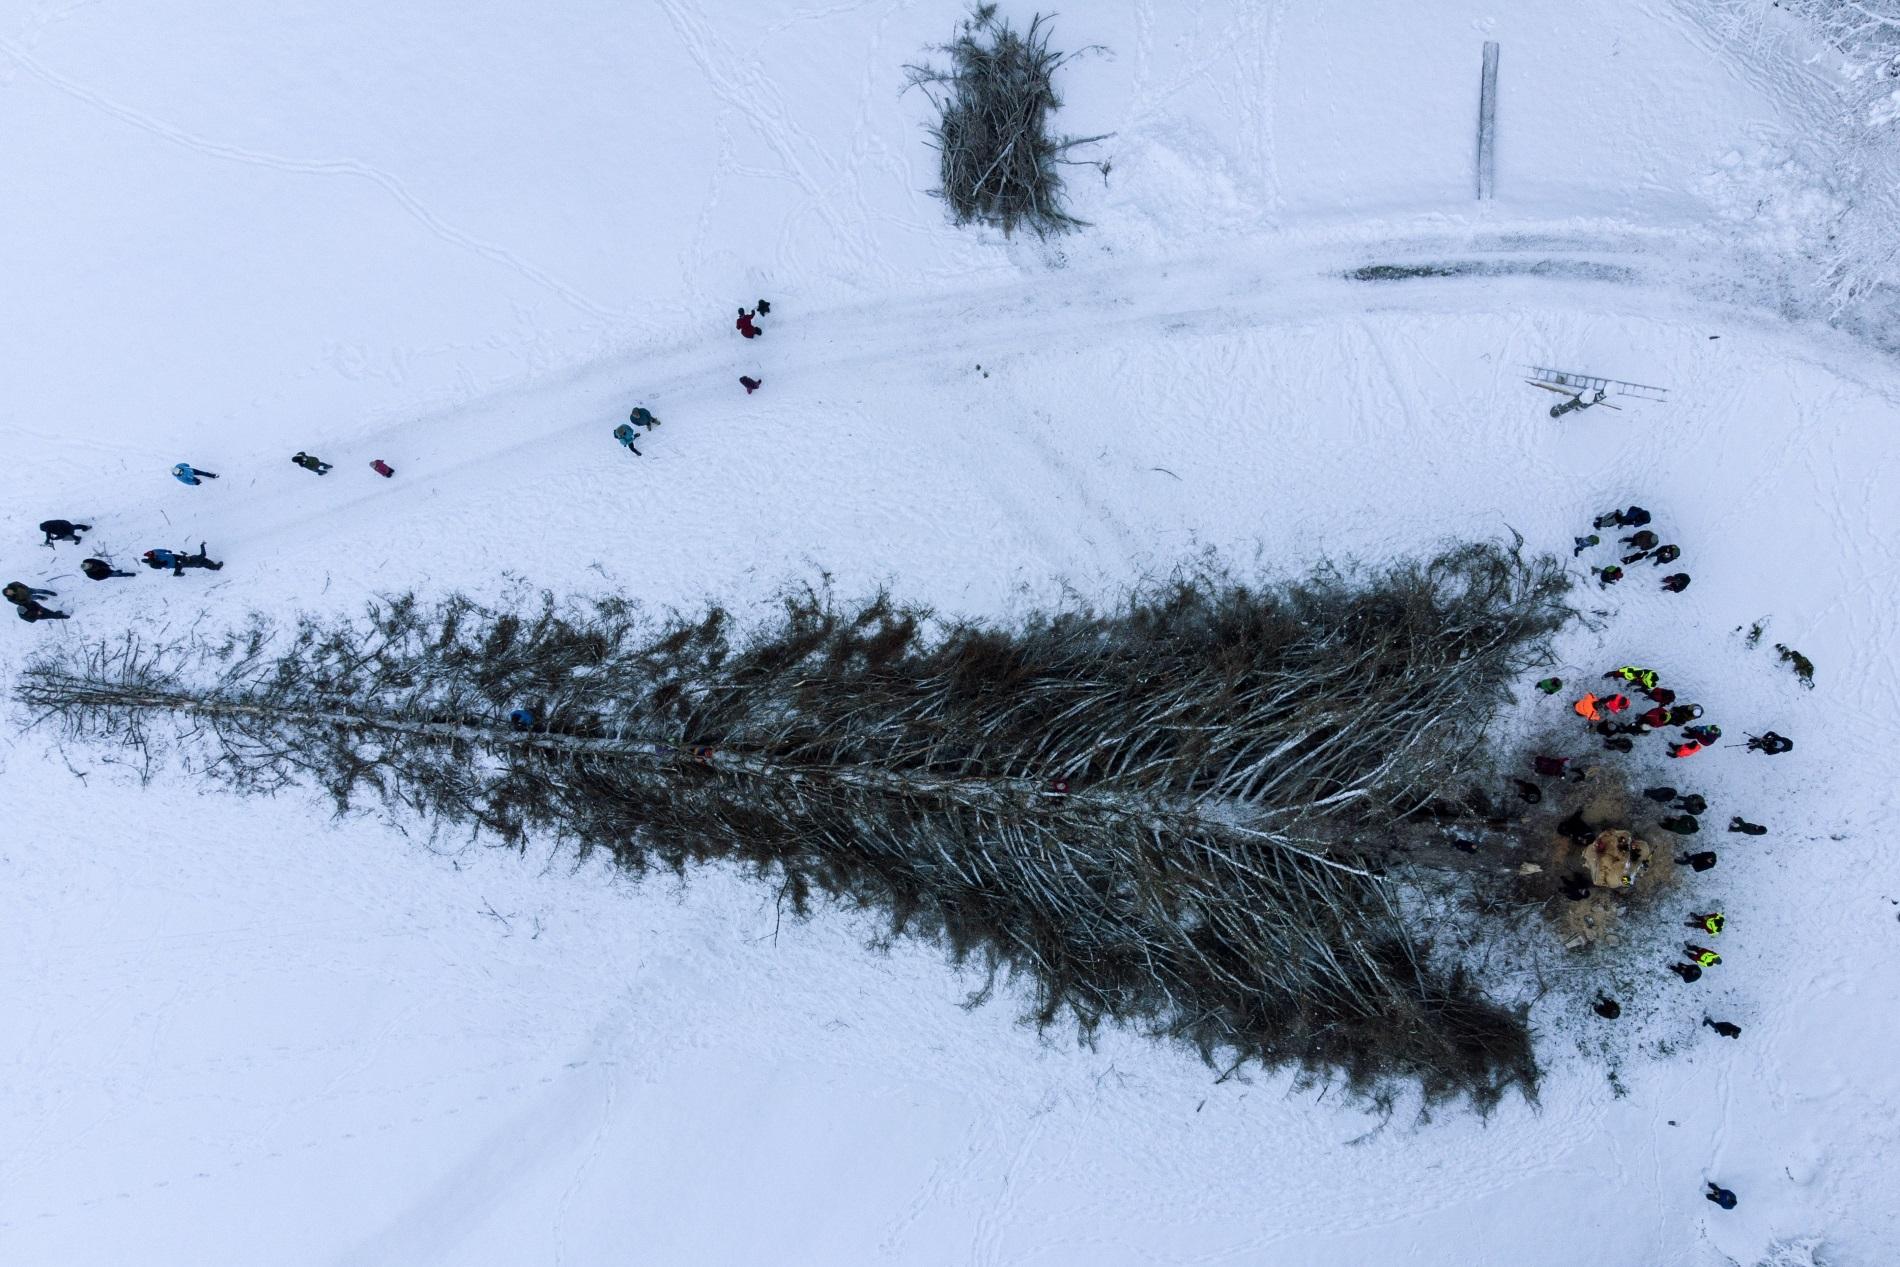 """Снимка от дрон показва хора, които са край отсечения най-висок бор в Швейцария""""La Pdnera"""", 12 декември 2018 г. 260-годишното дърво, високо 48 метра, се е разболяло, което е наложило да бъде отсечено"""